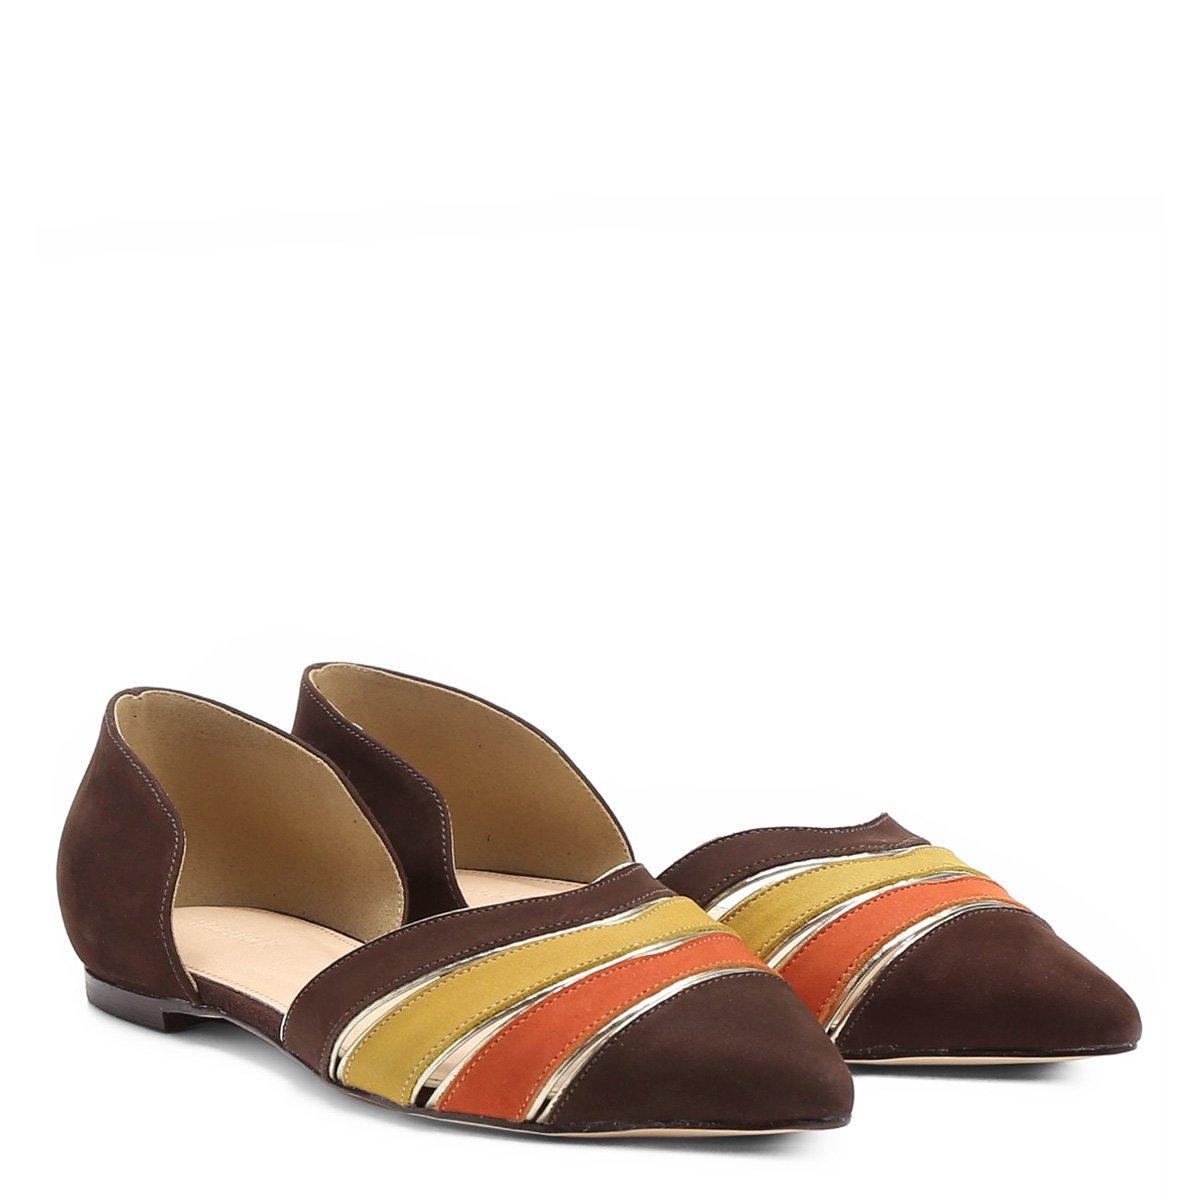 Bico Marrom Couro Shoestock Feminina Sapatilha Multicor Sapatilha Couro Fino wICqxB4